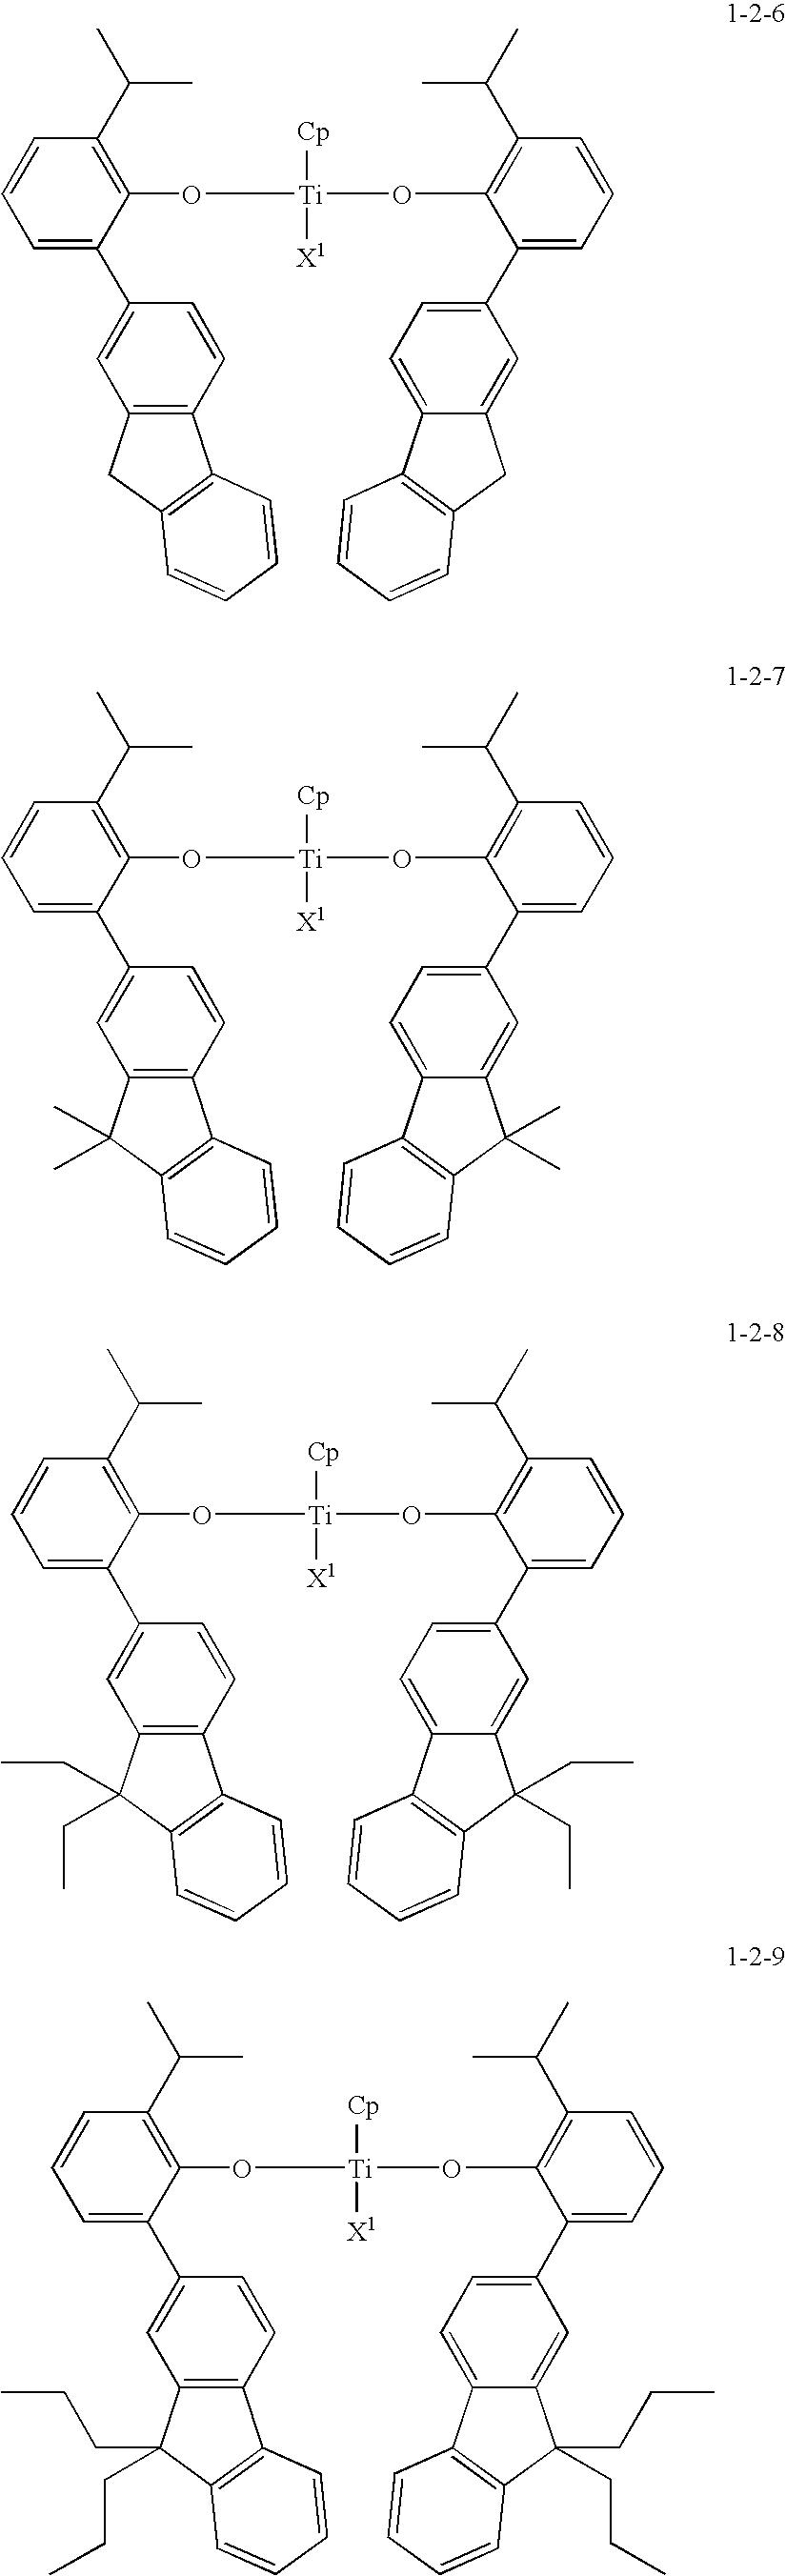 Figure US20100081776A1-20100401-C00013